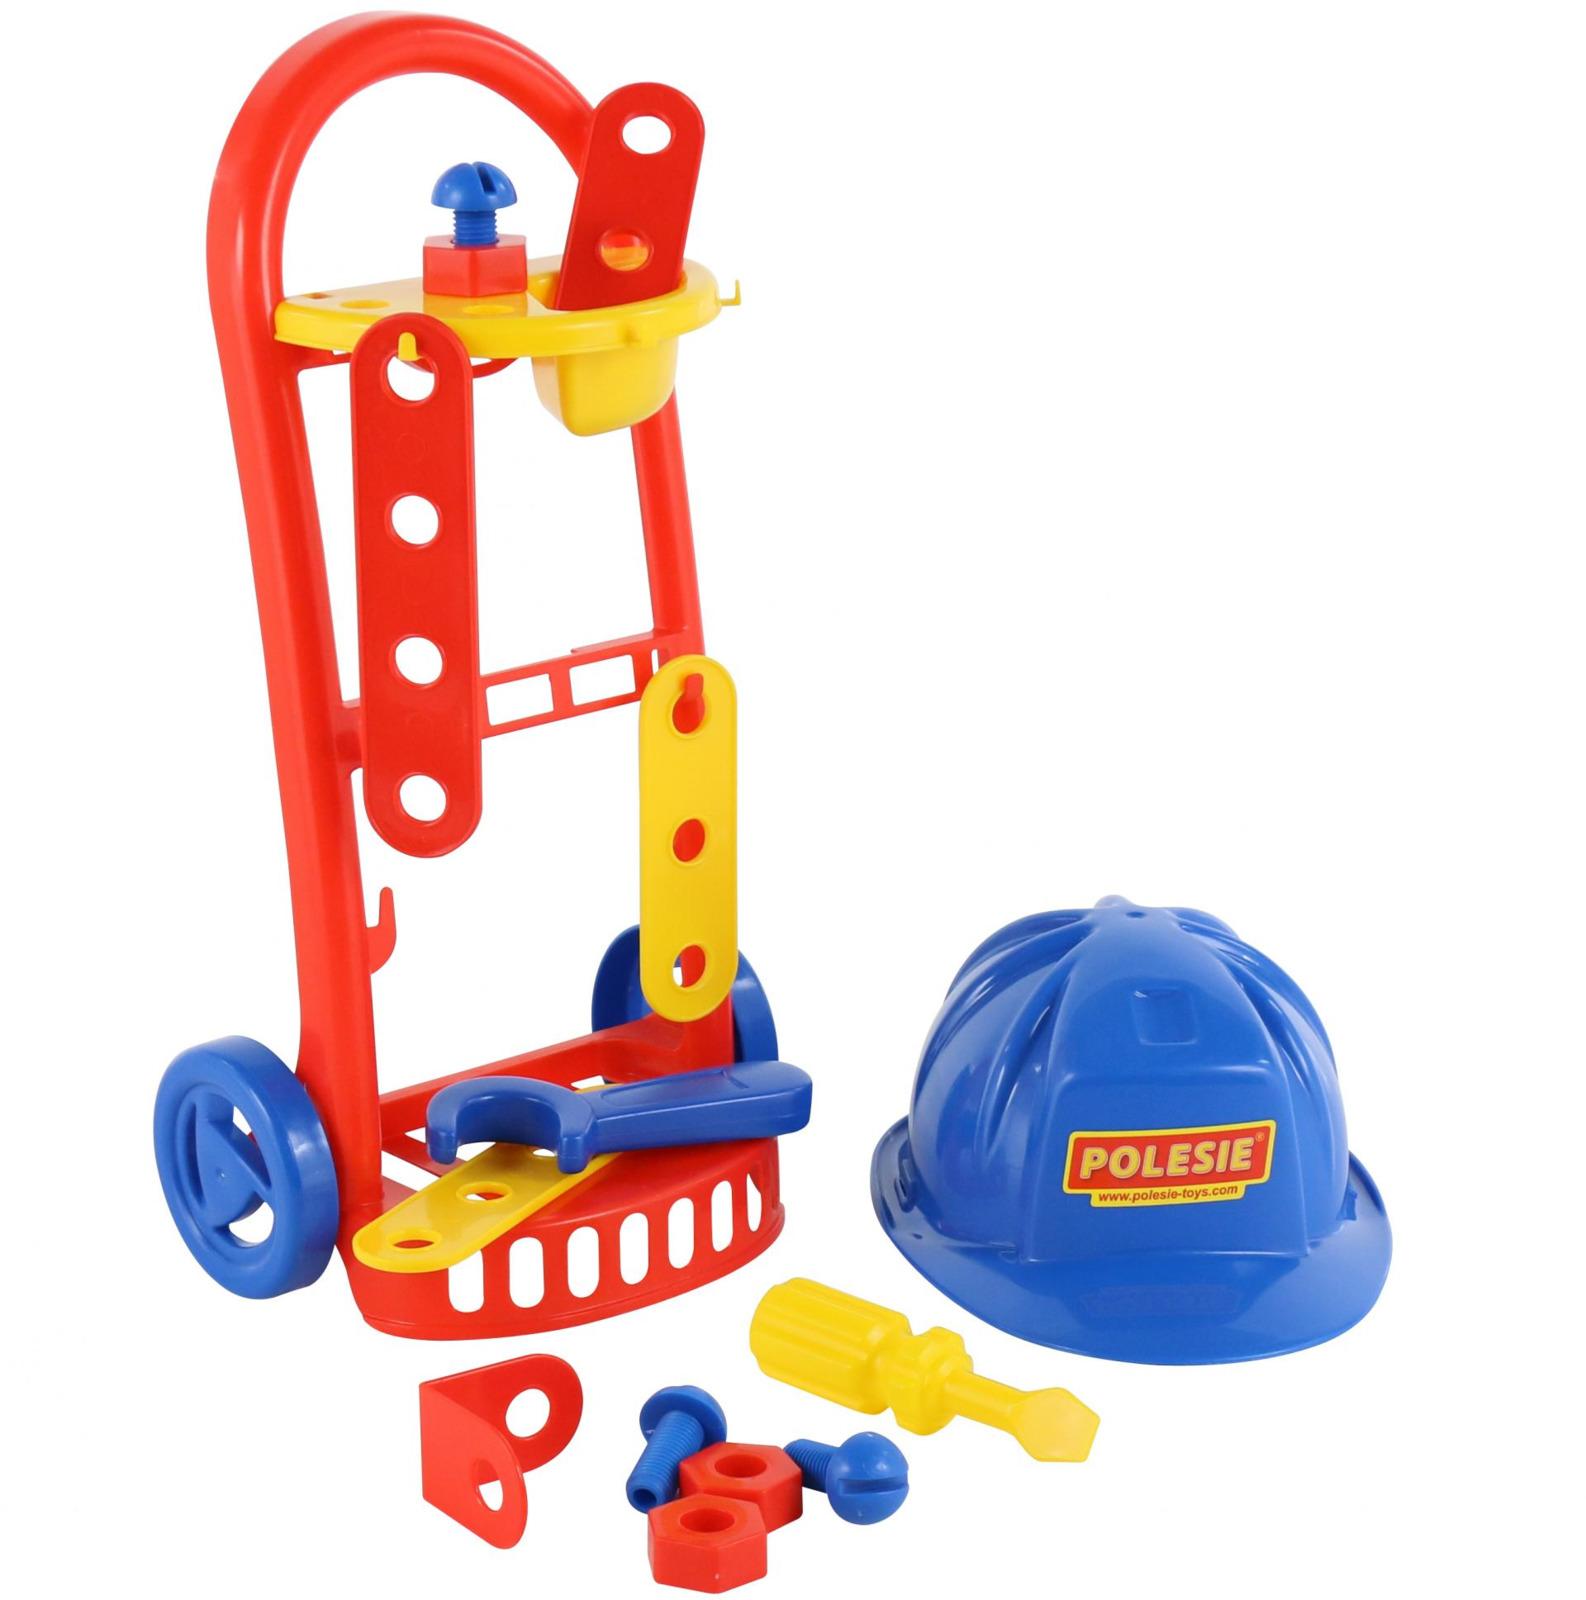 Набор Полесье Механик, 14 элементов. 69818 мастерская игрушечная полесье полесье набор инструментов механик